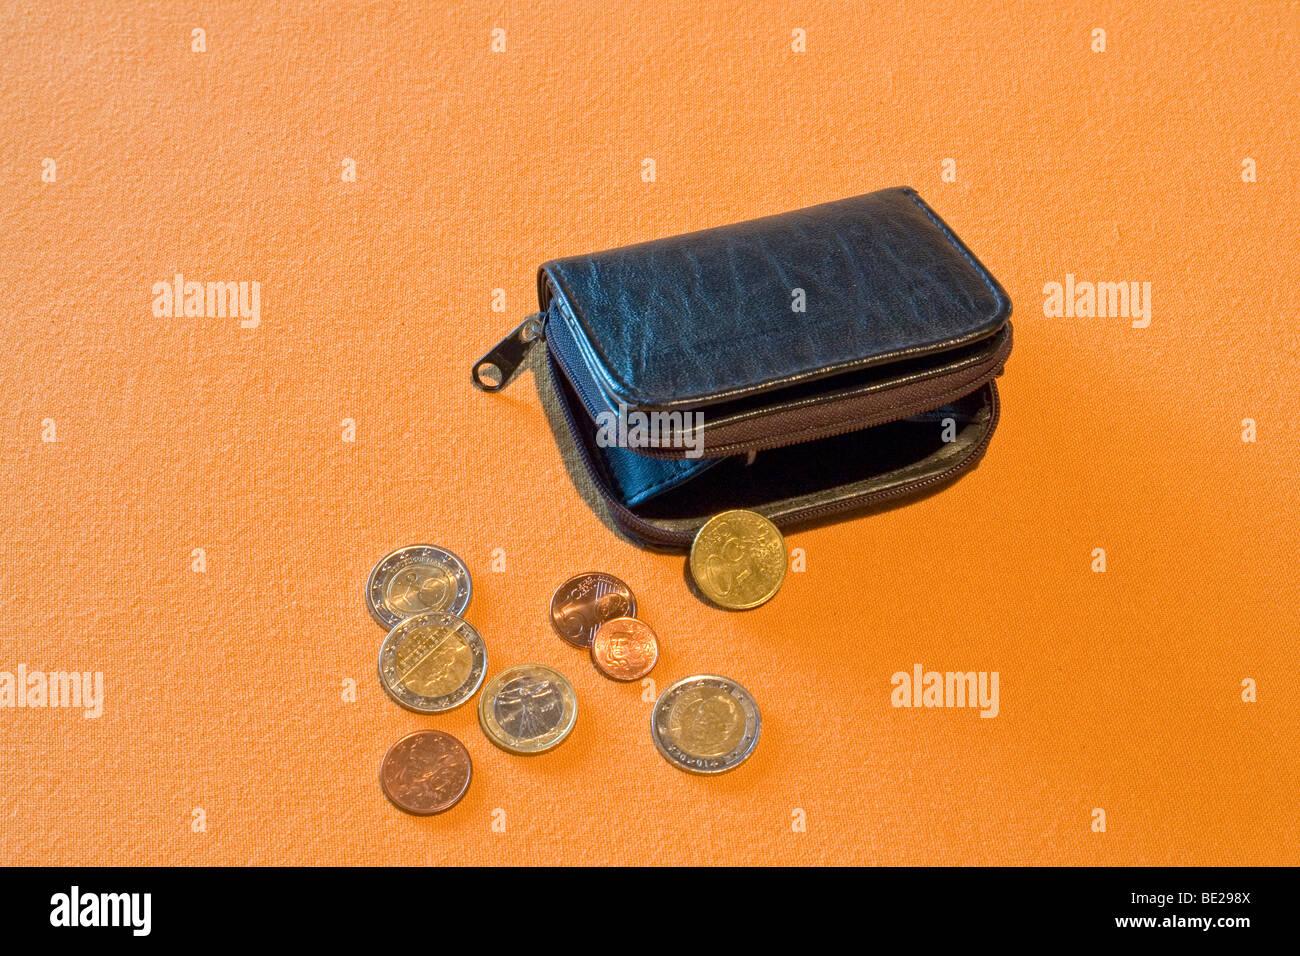 Half-open black leather purse with loose change spread out on an orange support. Porte-monnaie noir et menue monnaie. - Stock Image